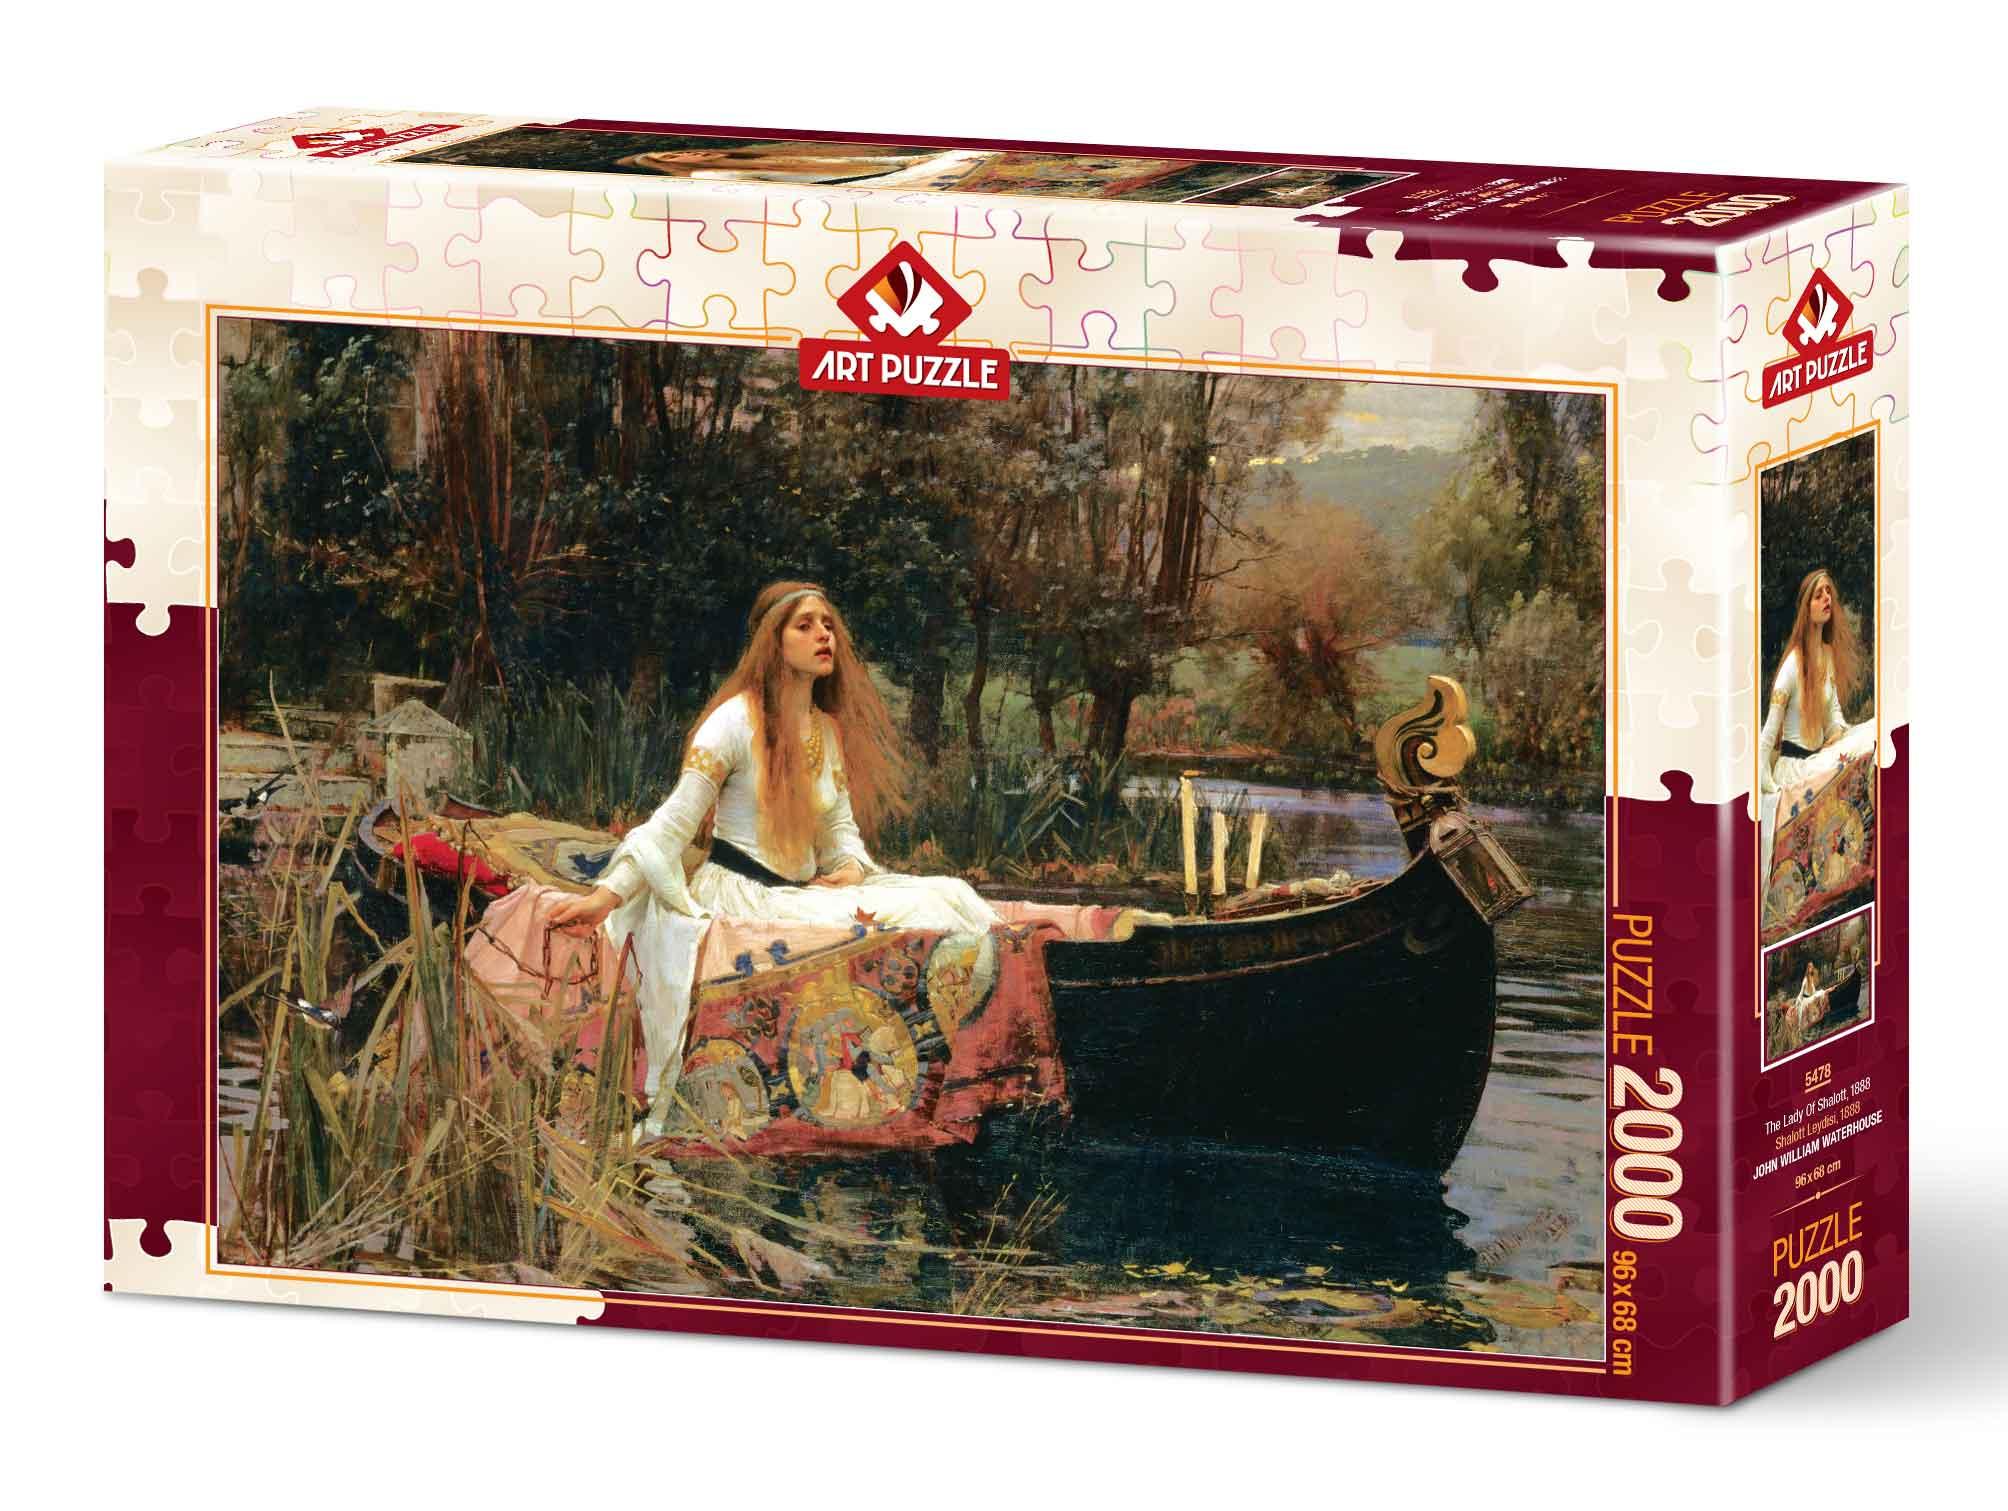 Puzzle Art Puzzle La Dama de Shalott de 2000 Piezas